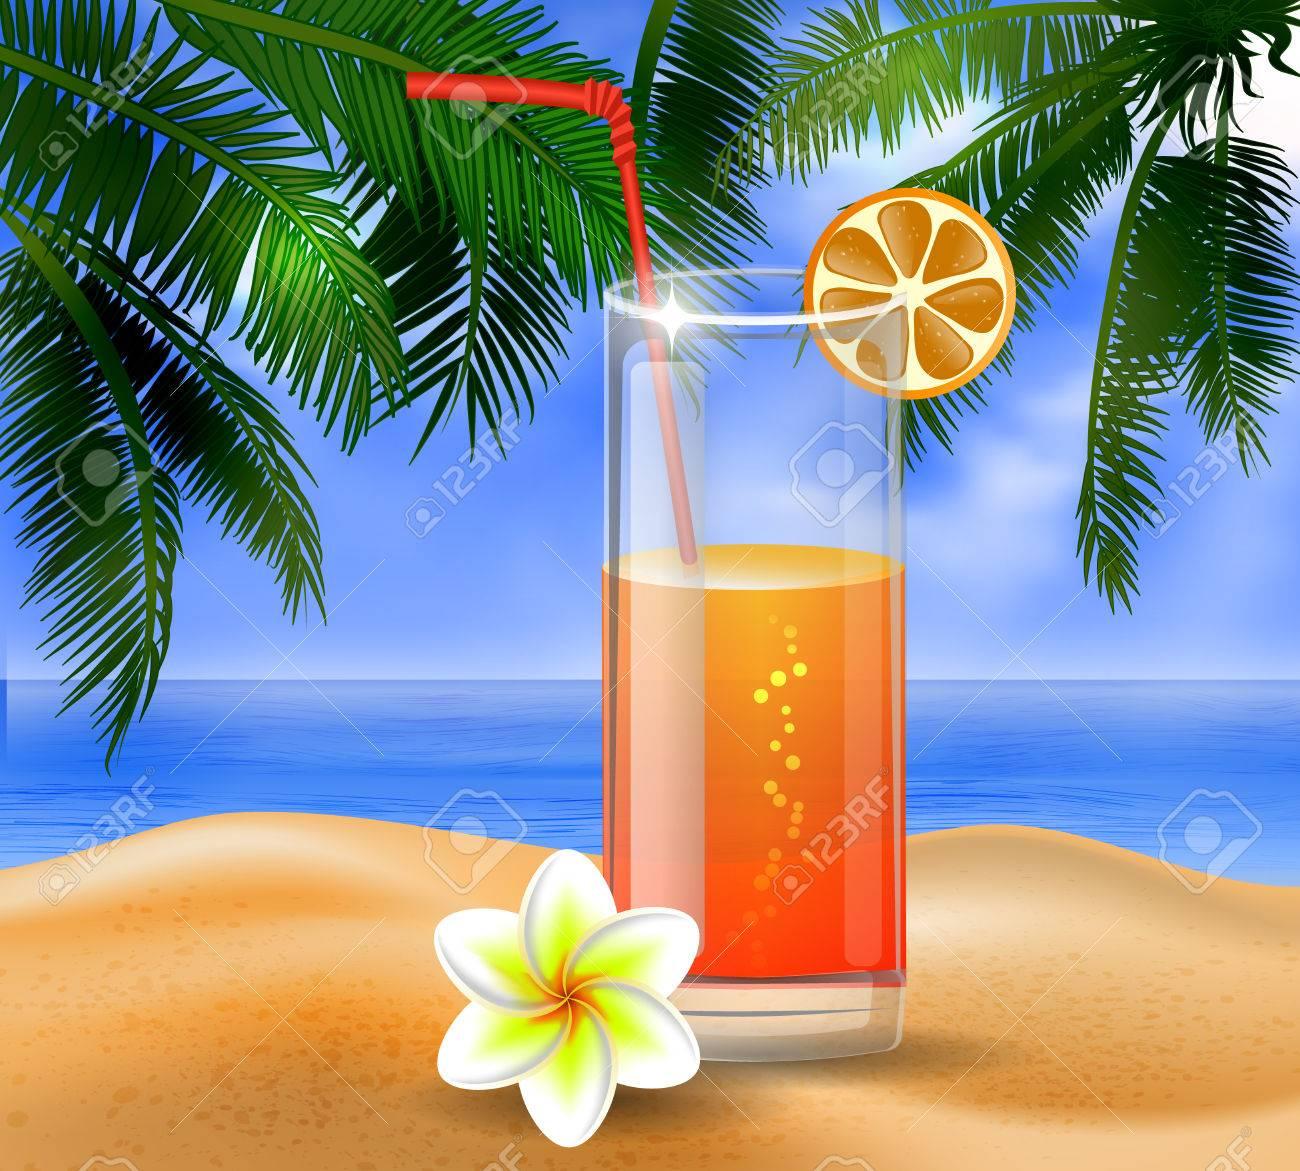 Tropischen Vektor-Hintergrund Mit Blättern Der Palmen Sommerhimmel ...